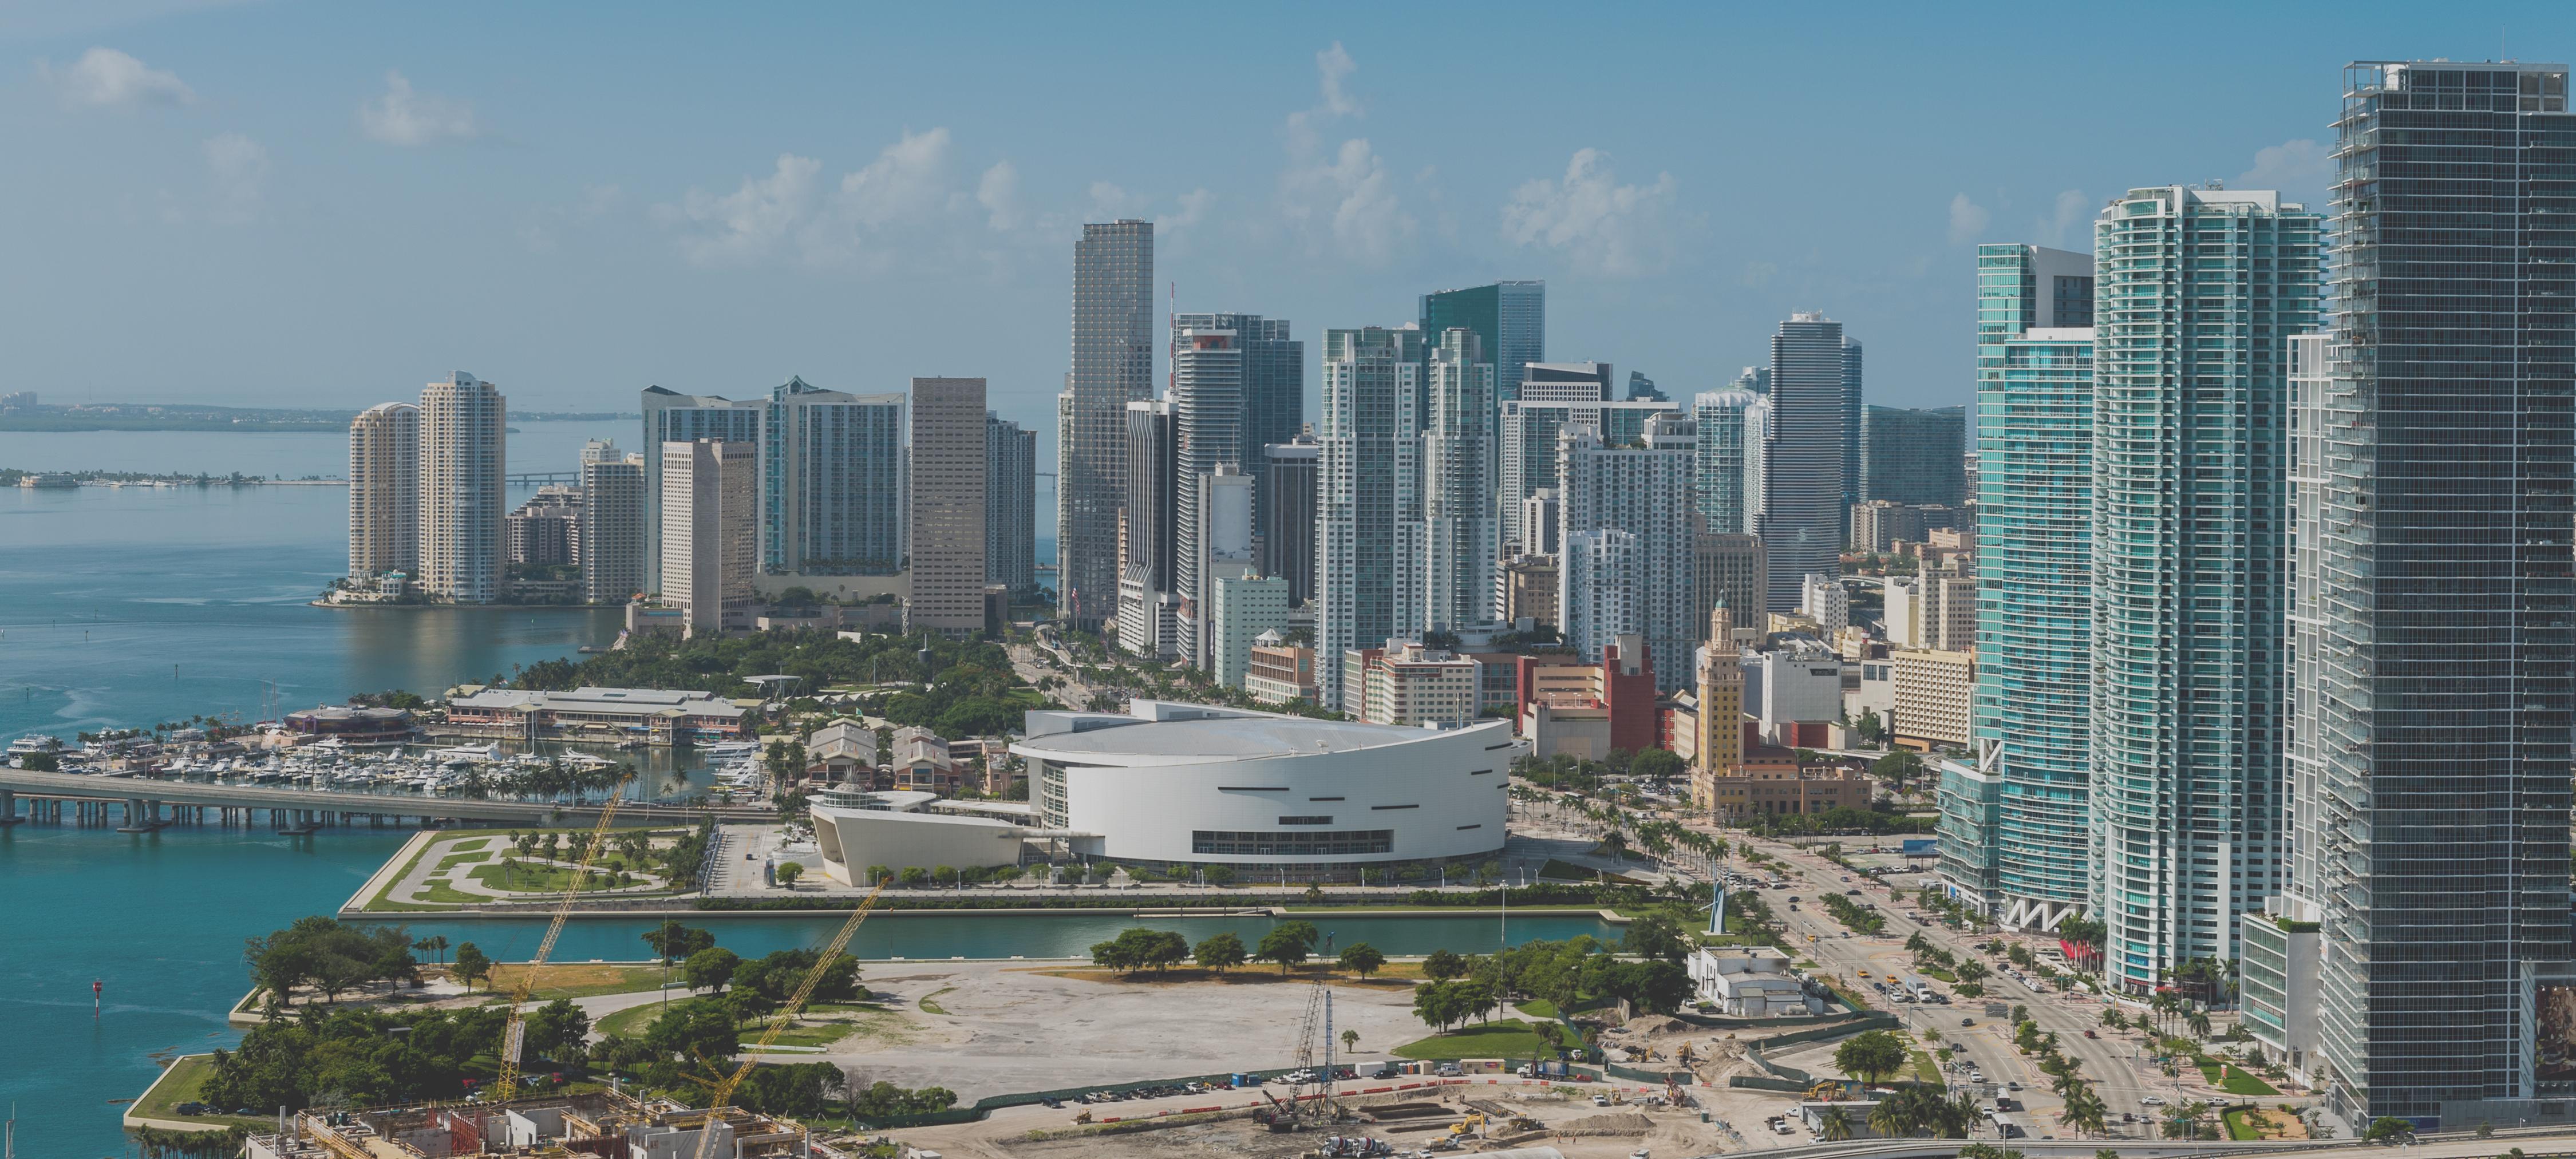 Miami Real Estate Miami Homes And Condos For Sale